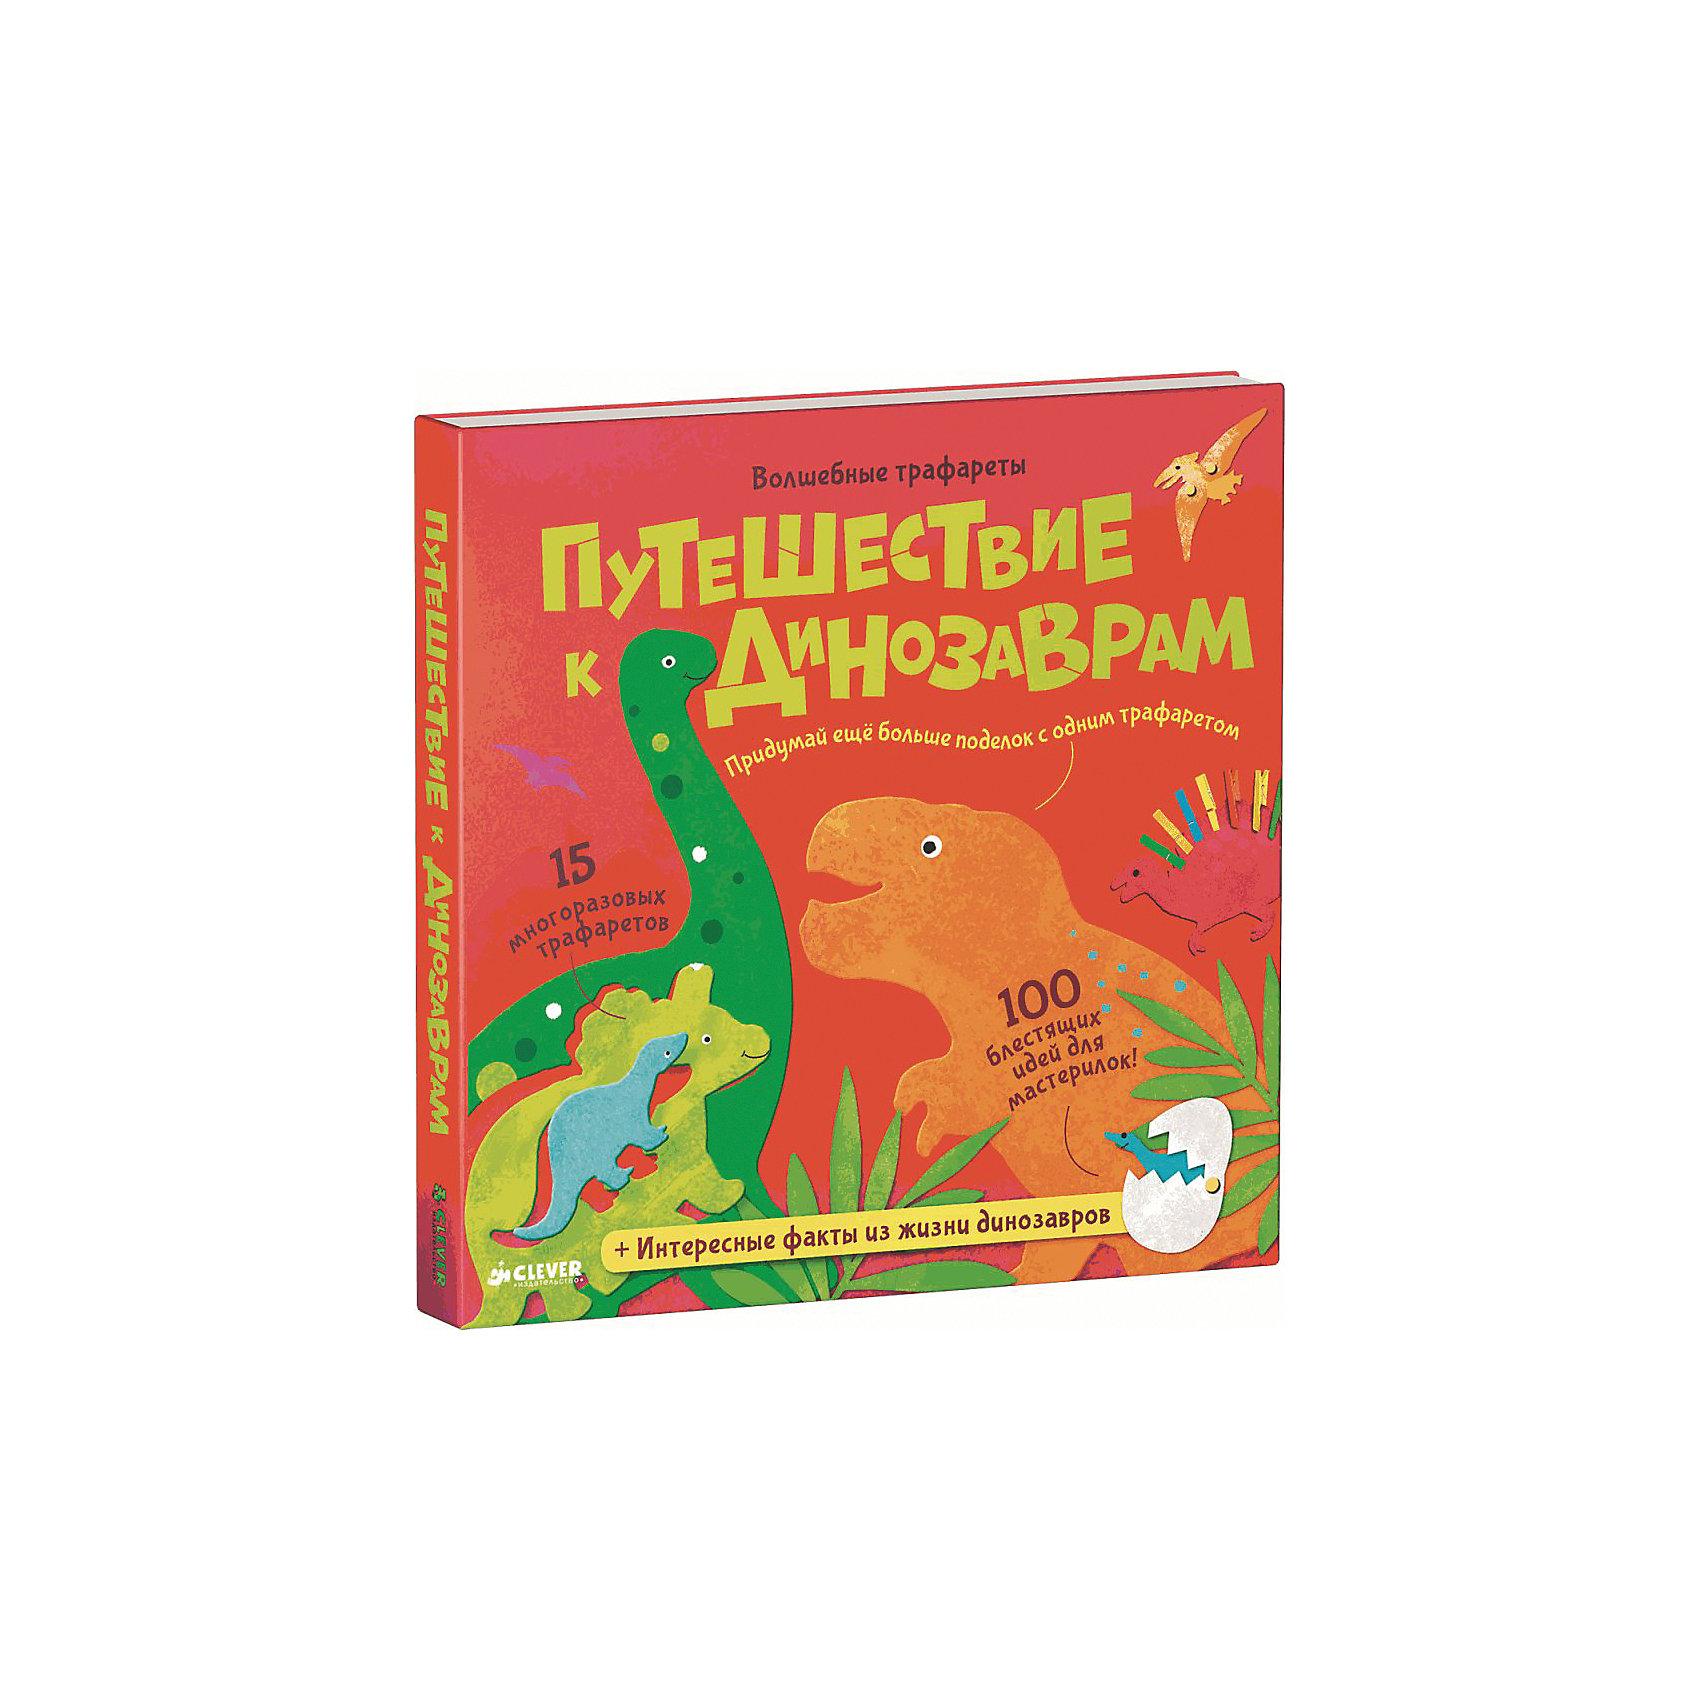 Волшебные трафареты Путешествие к динозаврам, Л. ХэмблтонCLEVER (КЛЕВЕР)<br>Трафареты – специальные карточки, на которых представлены разнообразные задания, способные увлечь ребенка. Набор состоит из 15и ярких карточек. На каждой написано 15 вариантов ее применения или декорирования. Благодаря набору малыш познакомится с природными материалами, пустит в ход домашние лоскутки и придумает новые варианты использования старых вещей. Из трафаретов можно сделать интересные фигурки для веселой игры. Разнообразие вариантов не позволит игре стать скучным занятием.  Набор развивает творческие способности, воображение и мелкую моторику малыша. <br><br>Дополнительная информация:<br><br>формат: 22 ? 29 см;<br>возраст: 0+.<br><br>Волшебные трафареты Путешествие к динозаврам, Л. Хэмблтон можно приобрести в нашем магазине.<br><br>Ширина мм: 220<br>Глубина мм: 220<br>Высота мм: 10<br>Вес г: 270<br>Возраст от месяцев: 0<br>Возраст до месяцев: 36<br>Пол: Унисекс<br>Возраст: Детский<br>SKU: 4976118